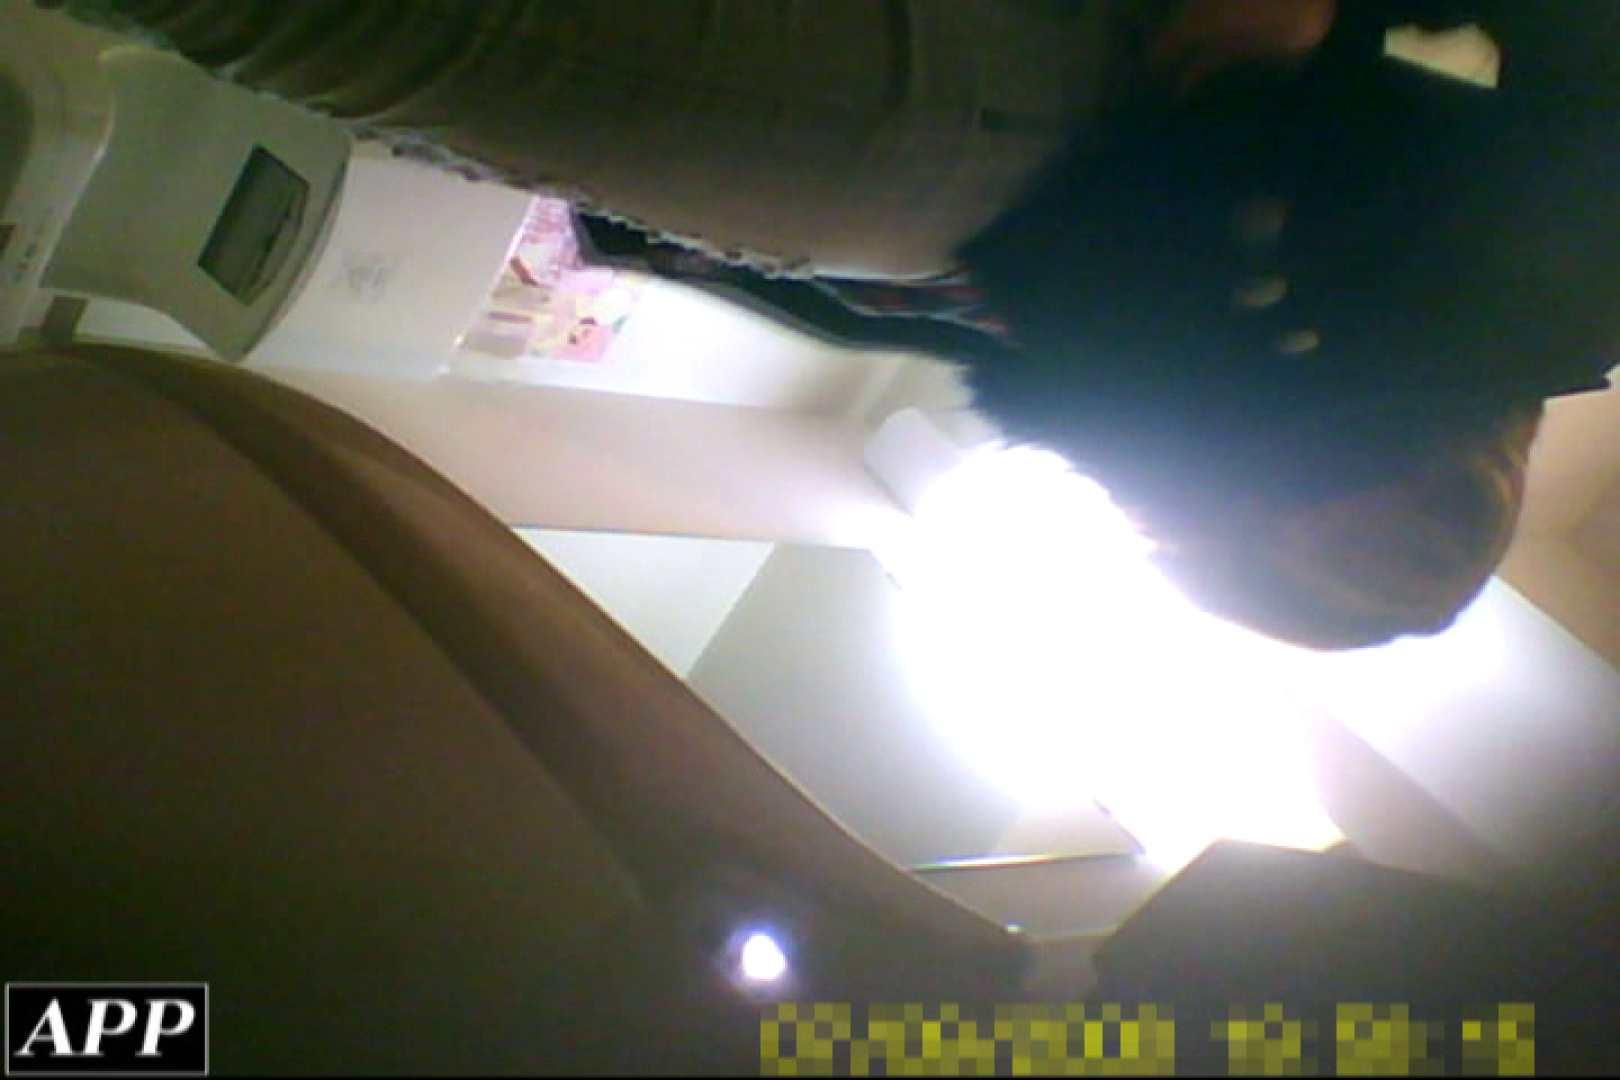 3視点洗面所 vol.133 オマンコ のぞき動画画像 105PIX 53